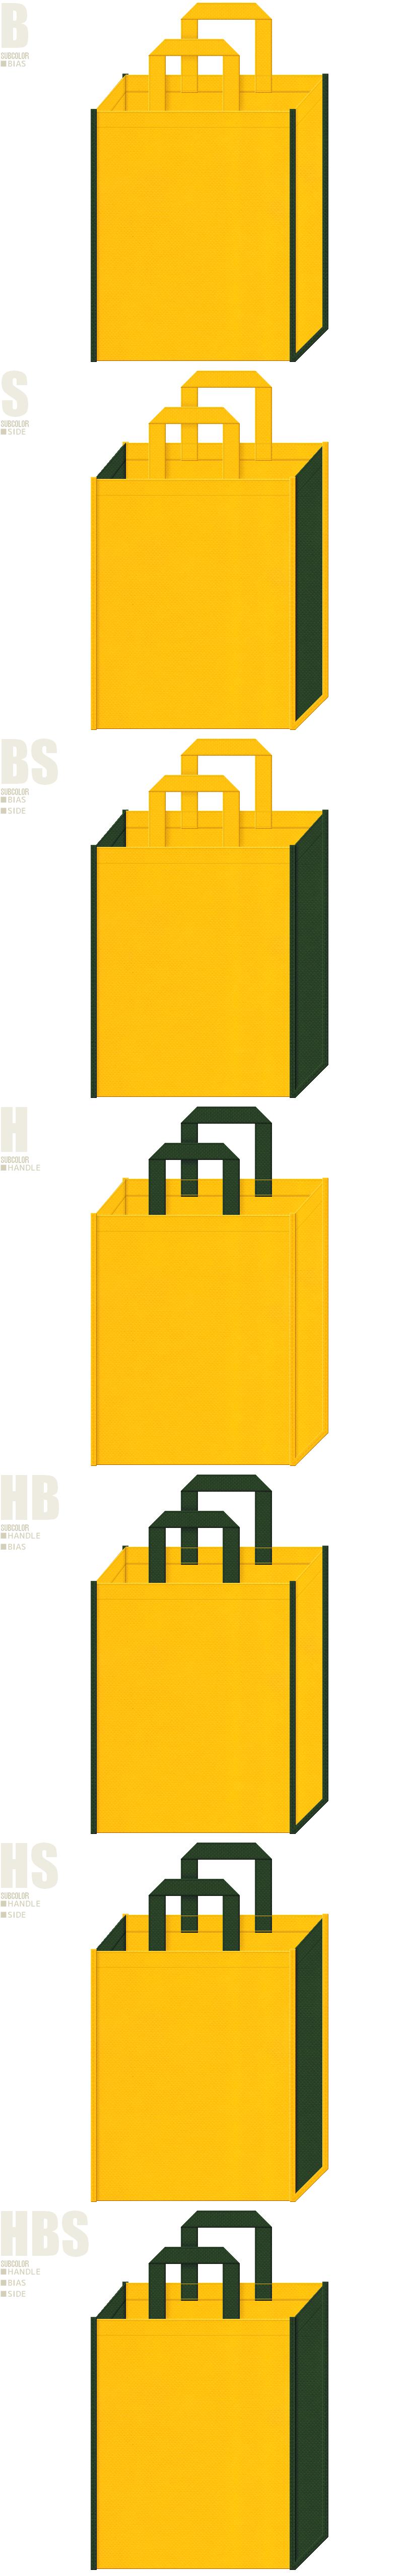 アウトドア・キャンプ用品の展示会用バッグにお奨めの黄色と濃緑色、7パターンの不織布バッグ配色デザイン。